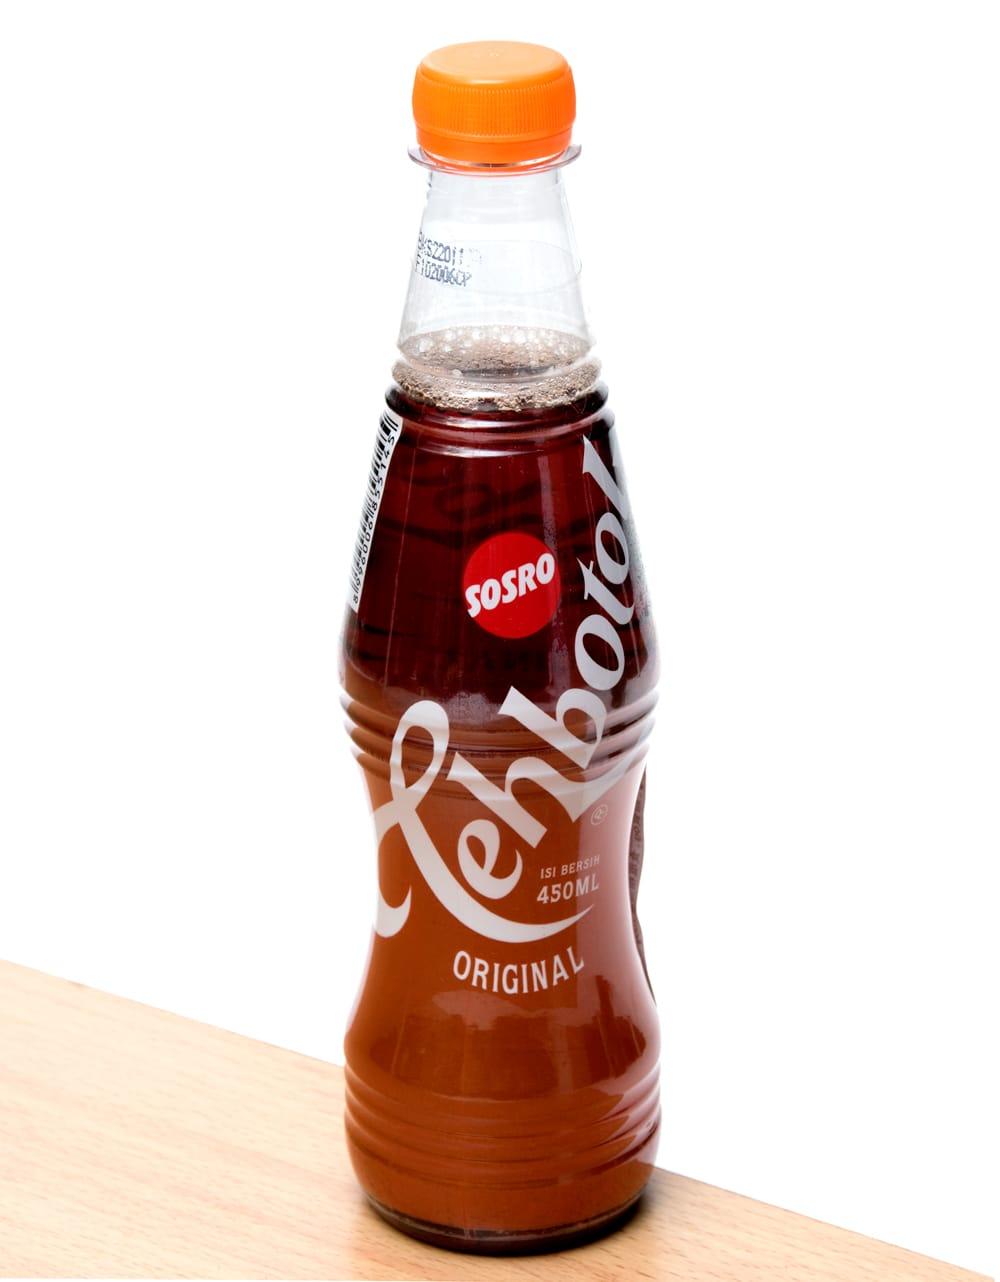 ティーボトル - Tehbotol - 450ml【Sosro】の写真